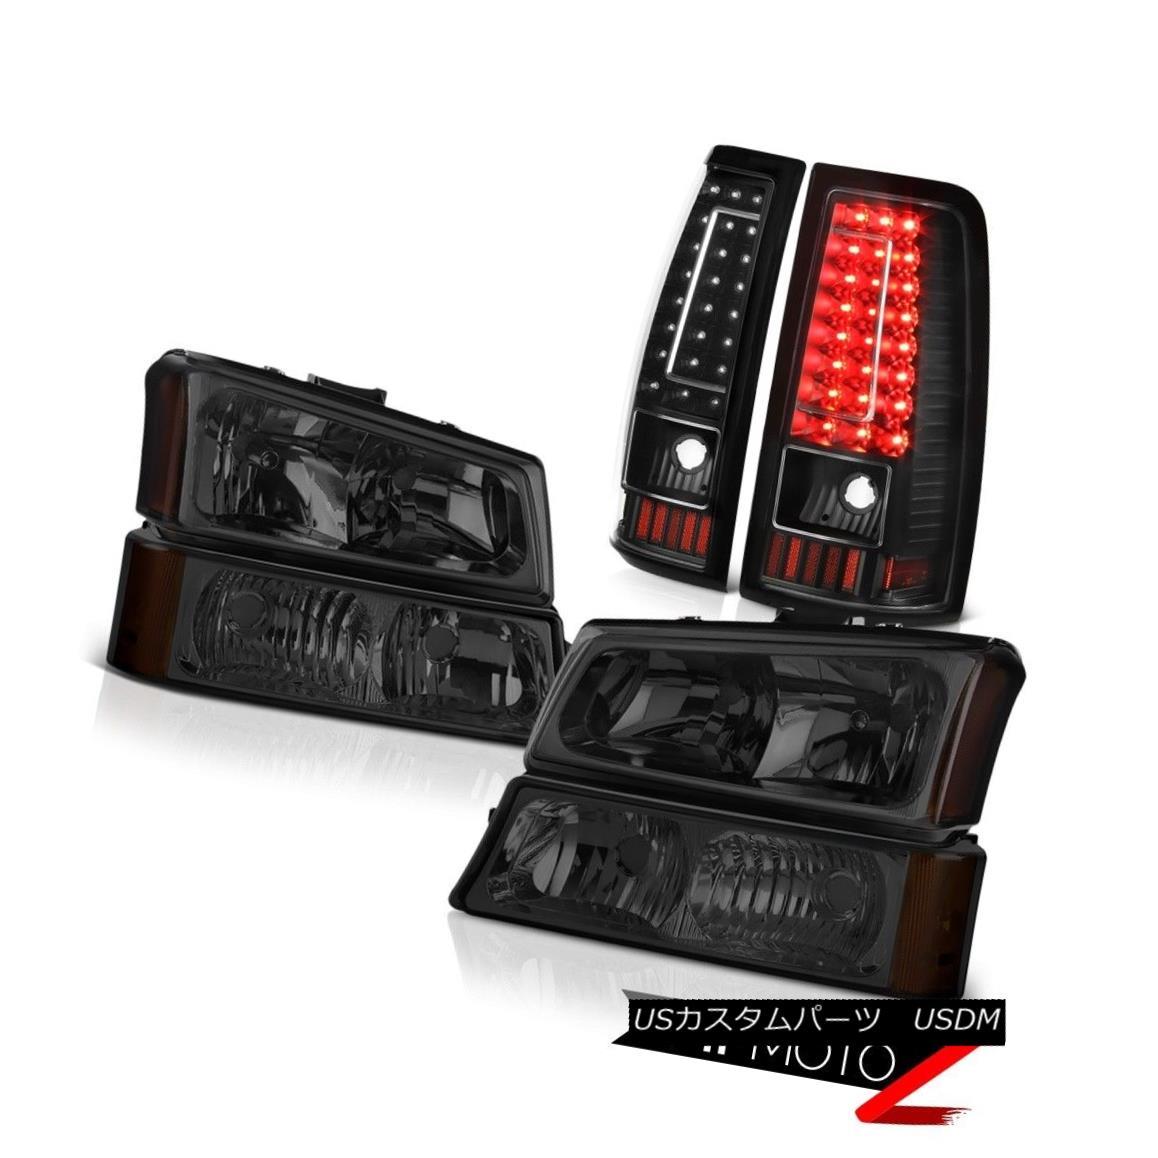 ヘッドライト 03 04 05 06 Silverado 1500 Tail Brake Lights Phantom Smoke Headlights Oe Style 03 04 05 06 Silverado 1500テールブレーキライトファントムスモークヘッドライトOeスタイル